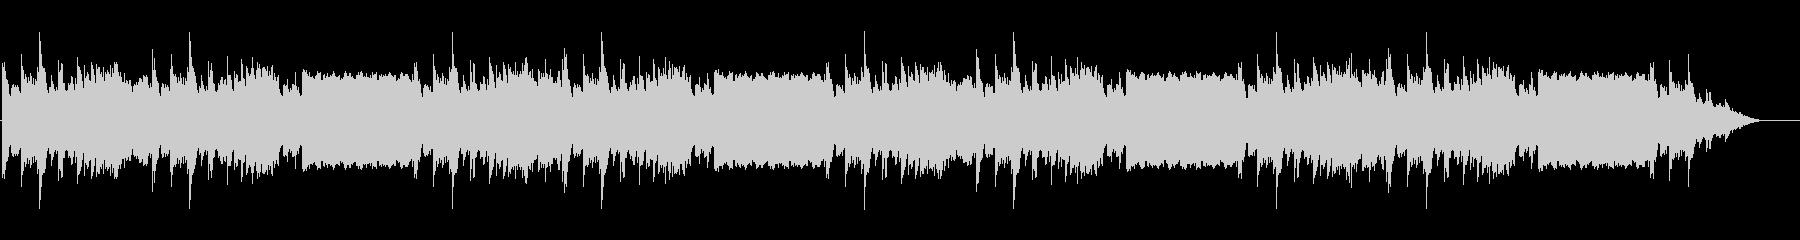 狂気の賢者 ファミコン音源版の未再生の波形